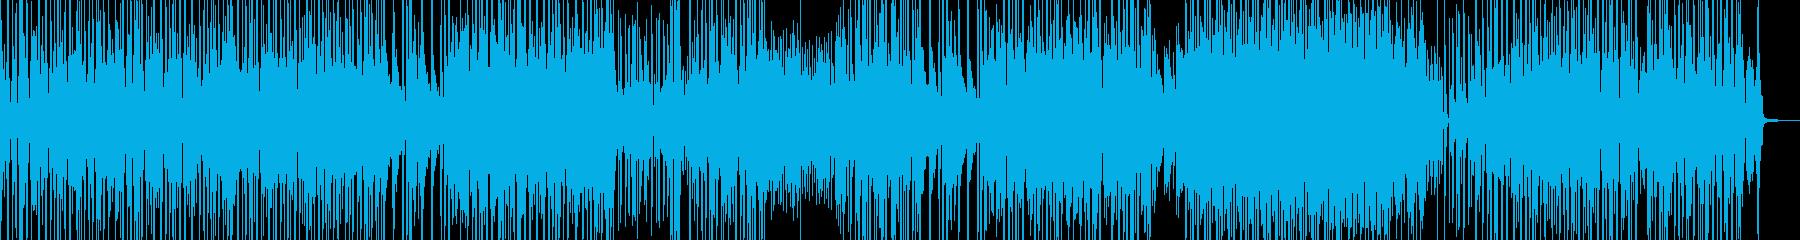 お笑い冒険活劇・ドラムの三味線ファンクの再生済みの波形